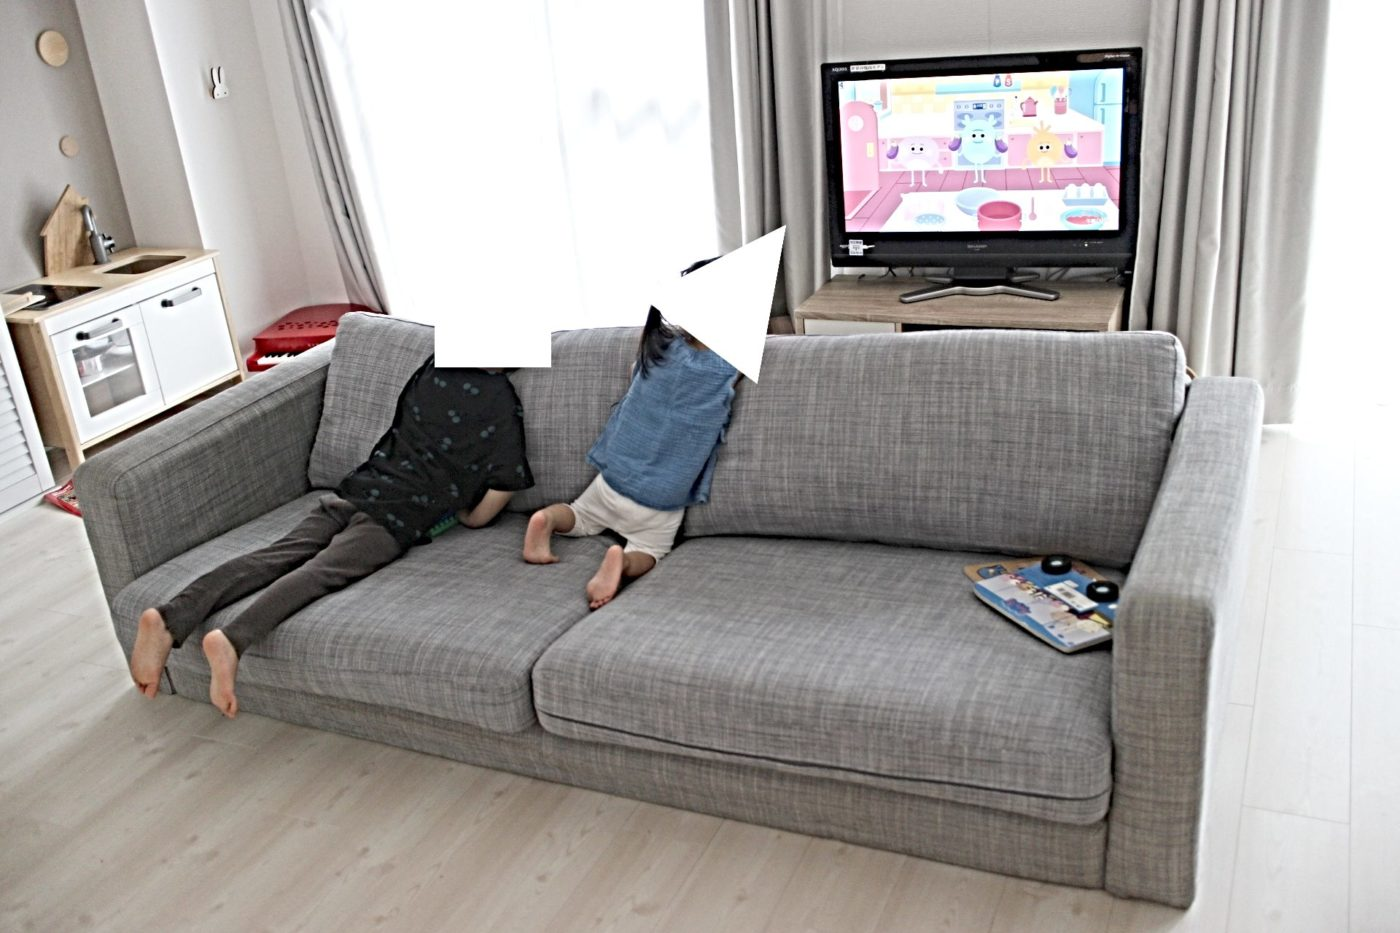 幼児がテレビに近寄りすぎ問題。